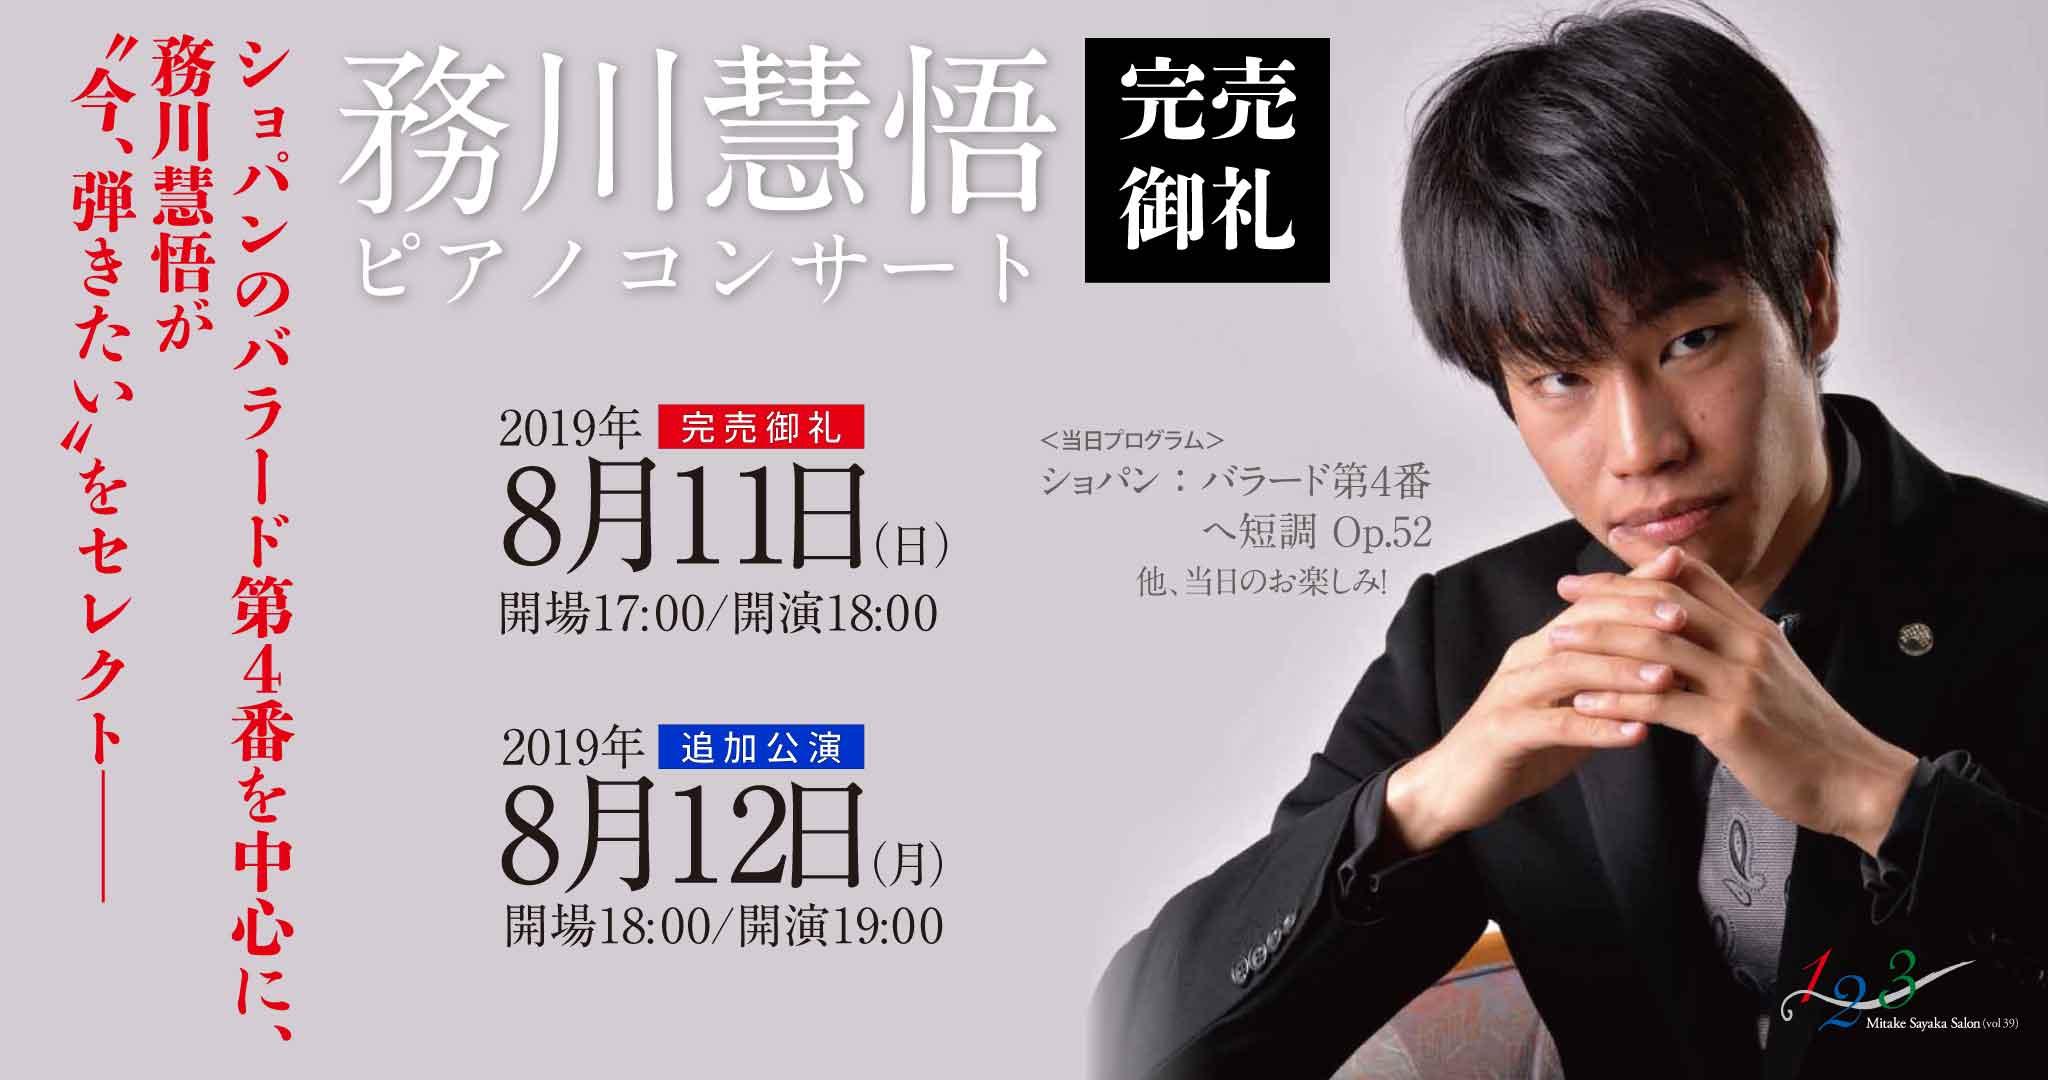 8/12 務川慧悟ピアノコンサート《追加公演》におけるプログラムについてのお知らせ